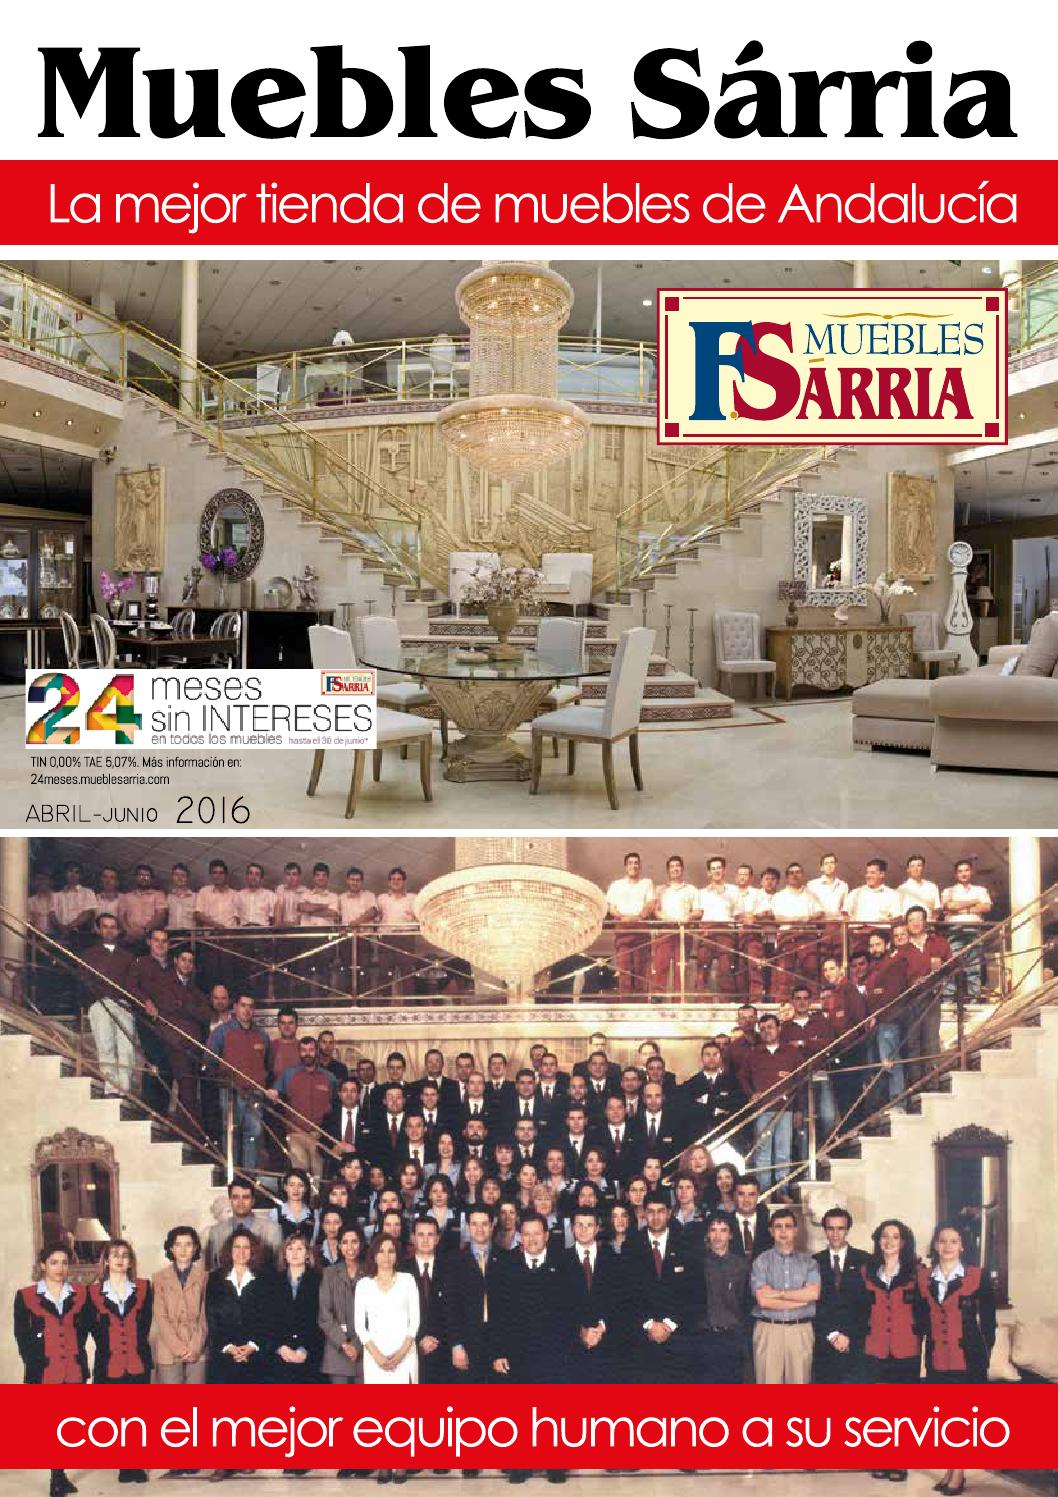 Catalogo muebles sarria tienda de muebles sevilla by - Muebles sarria cordoba catalogo ...